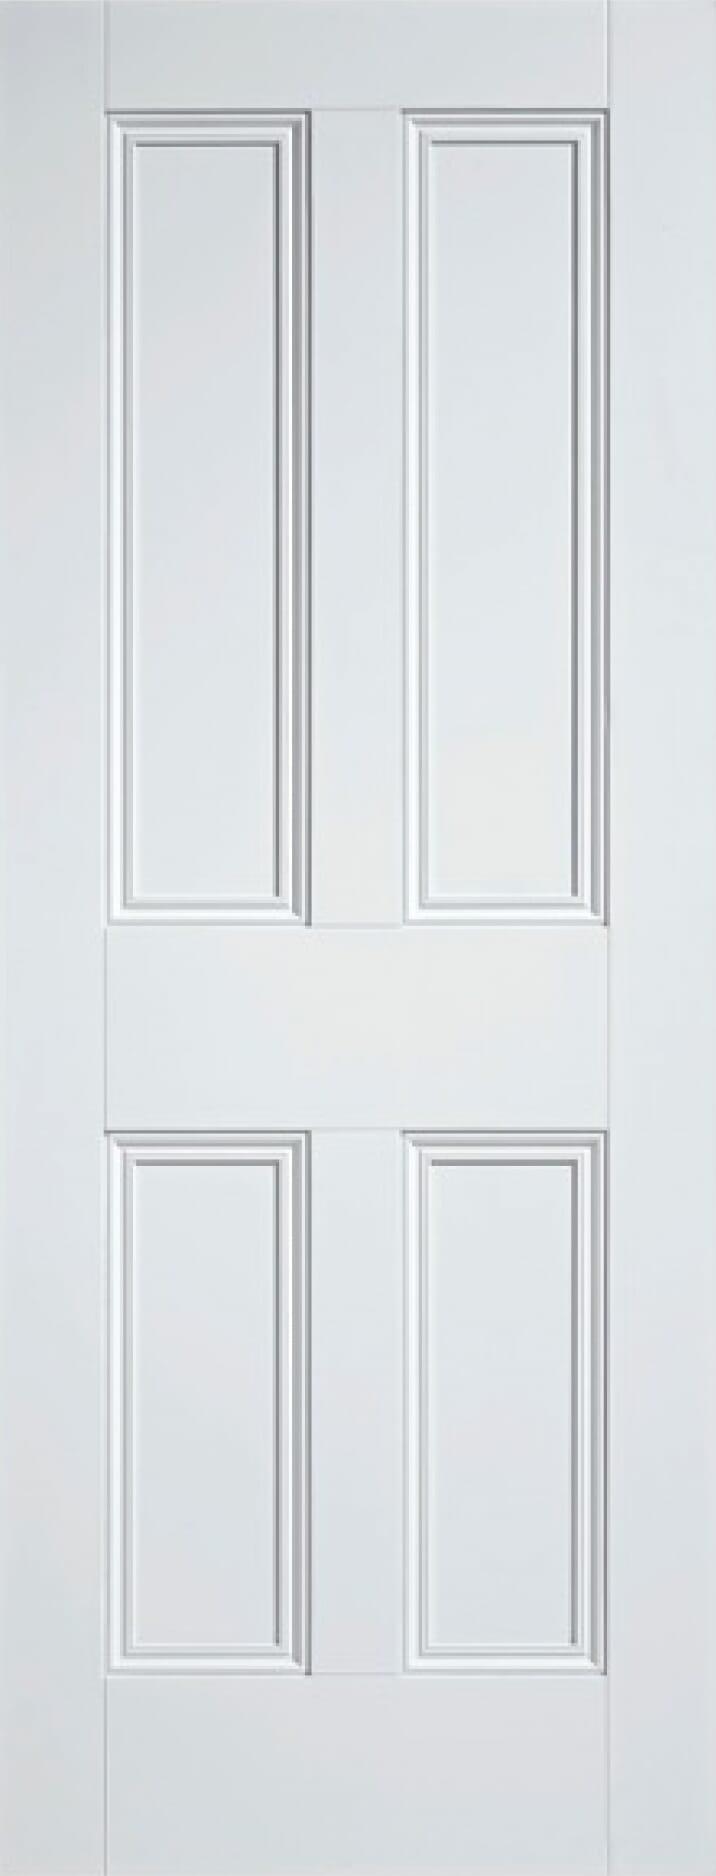 Malton Nostalgia 4p Solid White Image